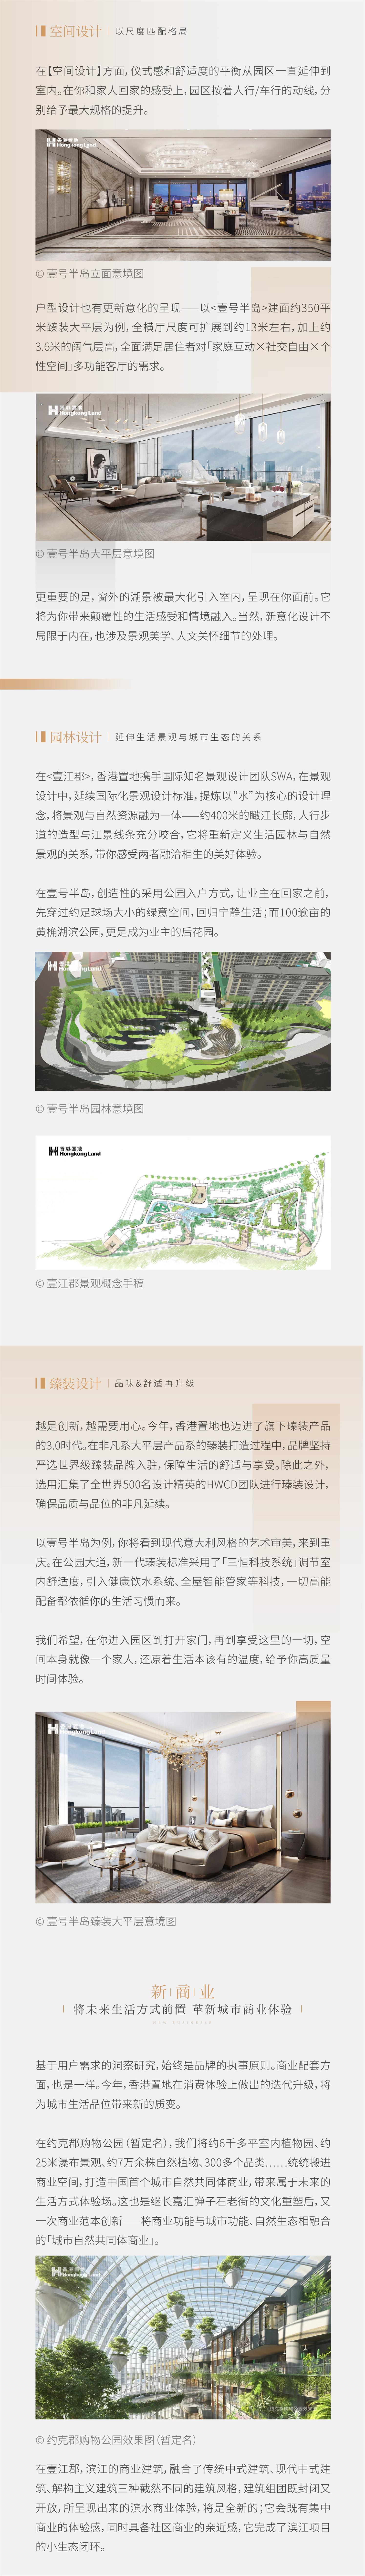 香港置地焦点图拉页20190508.jpg